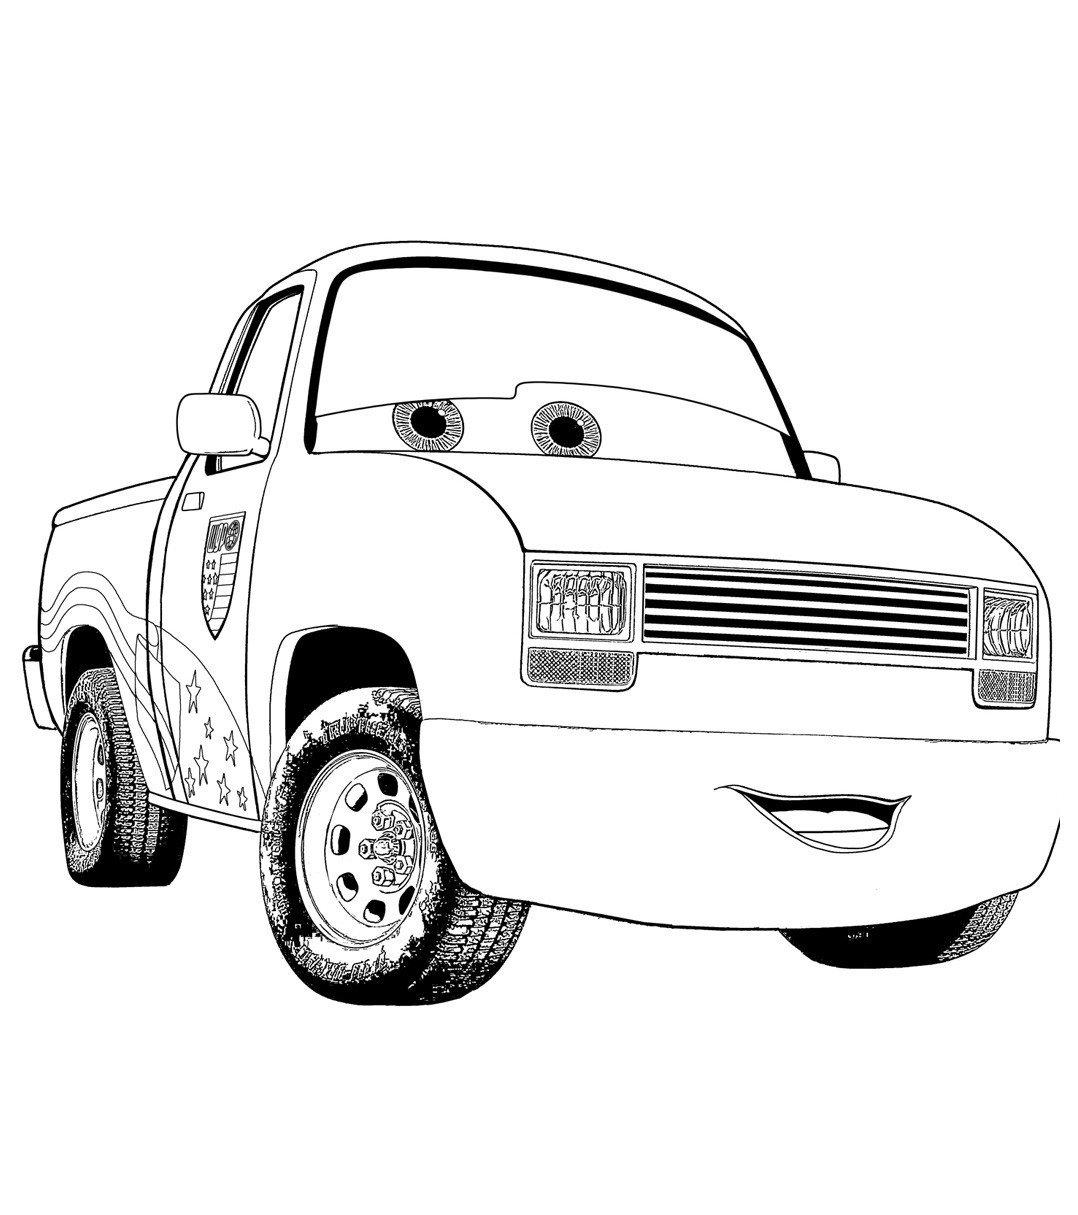 Тачка пикап - Картинка для раскрашивания красками-гуашью